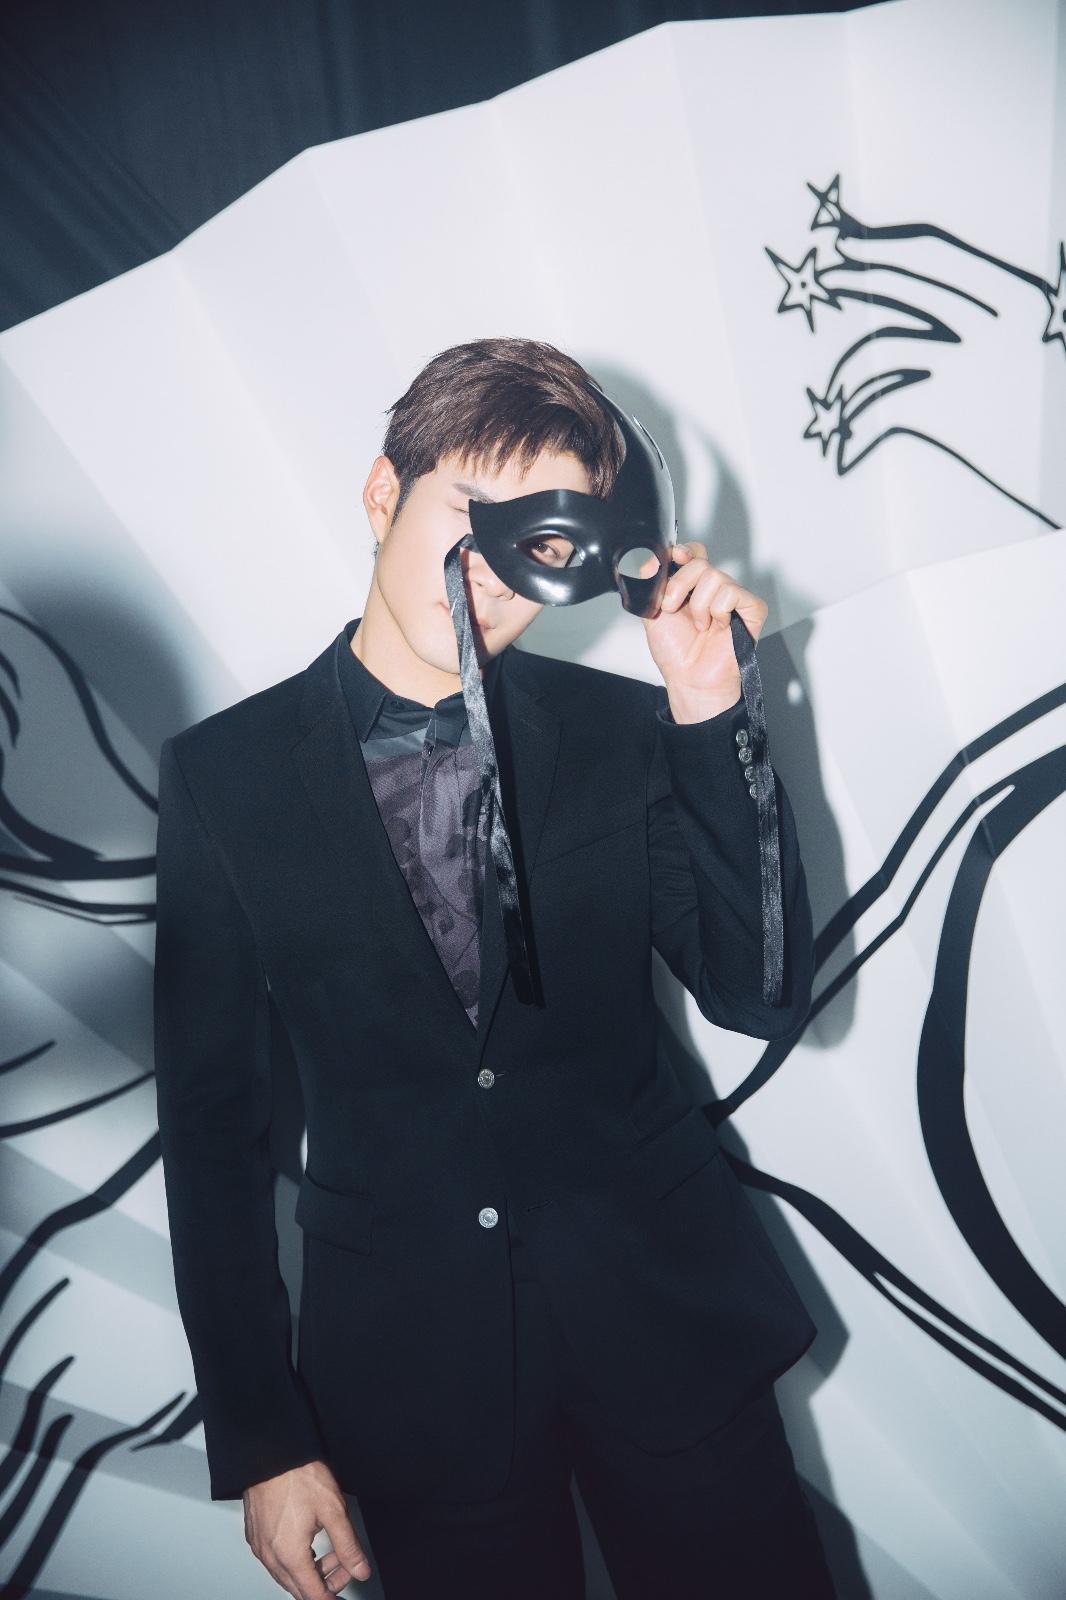 韩东君化身夜礼服假面 俊朗贵气展型男魅力